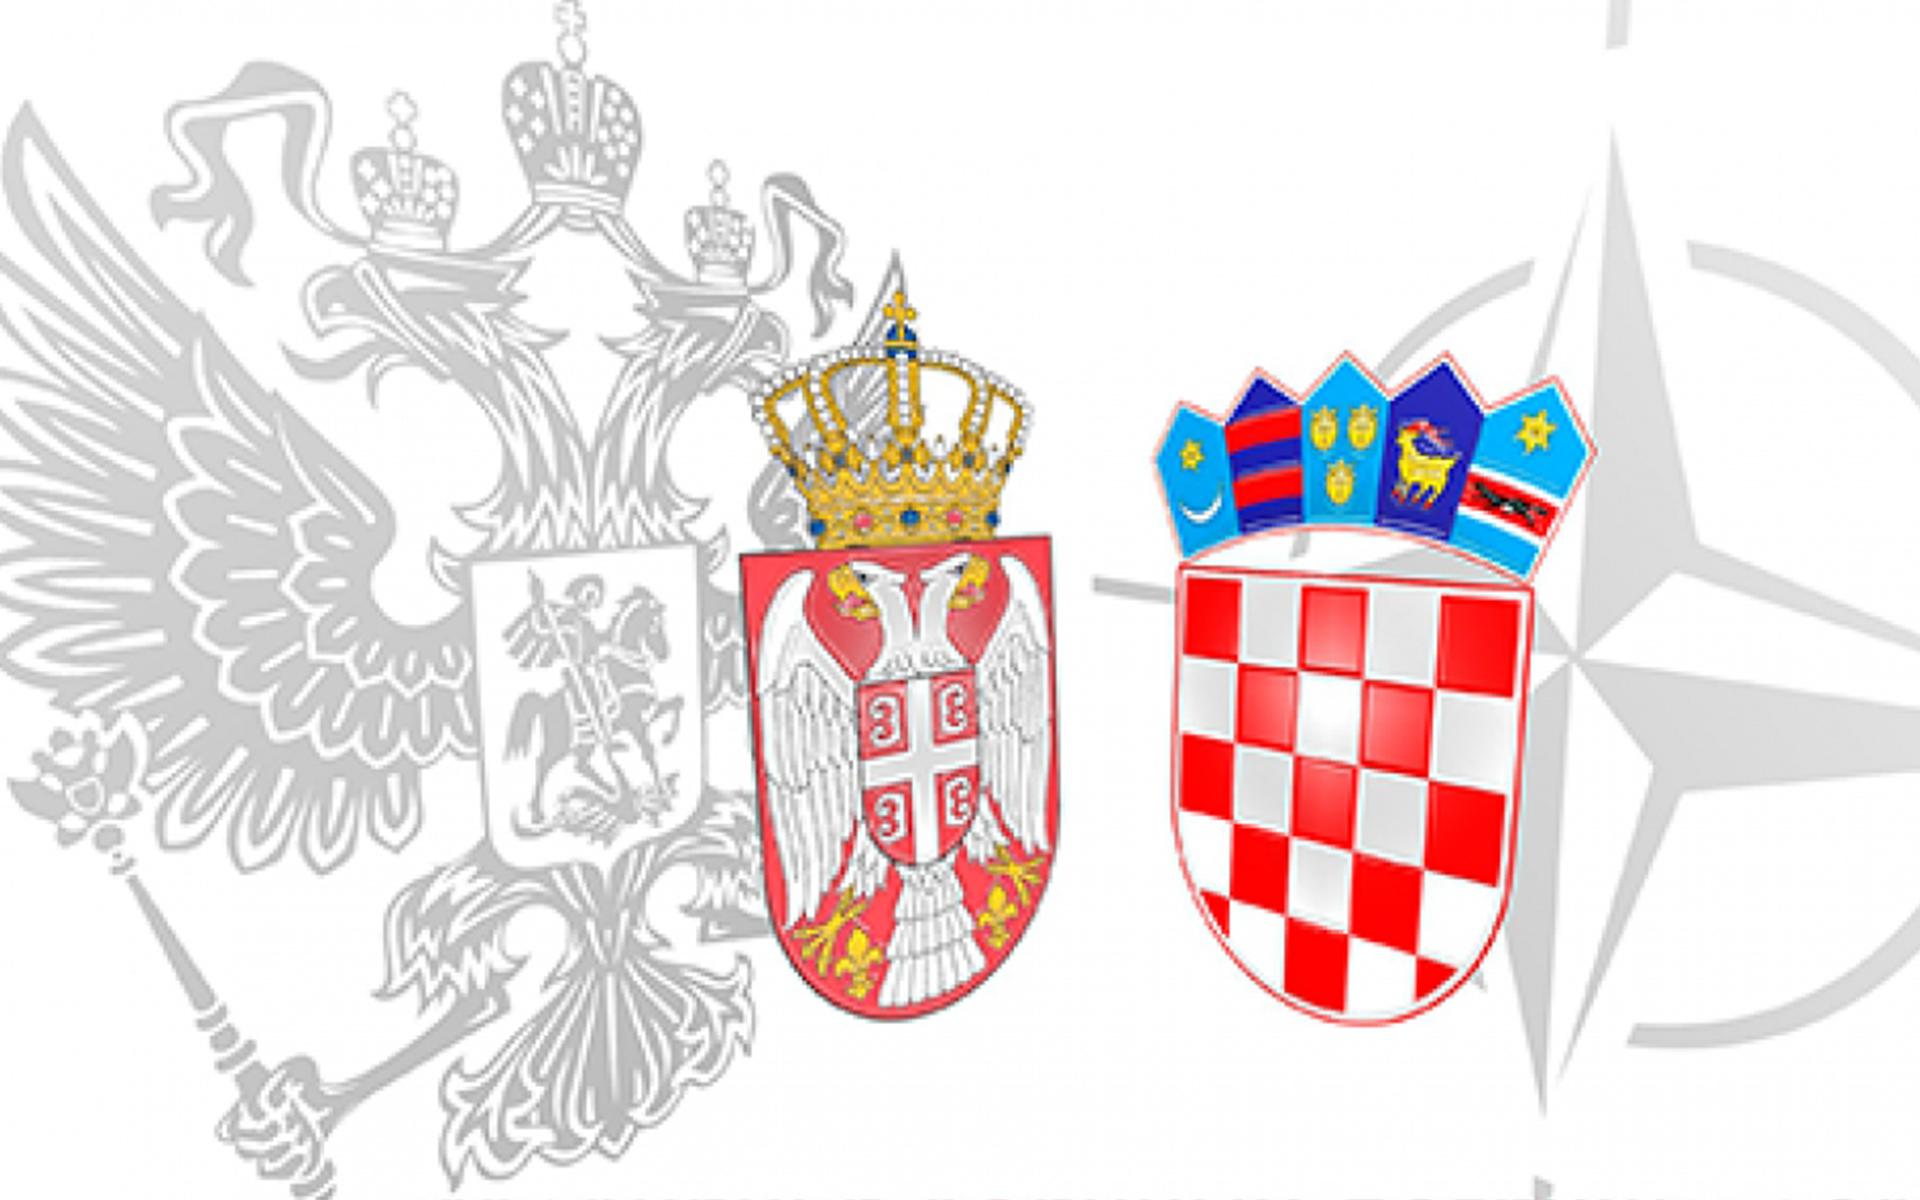 Сербия и Хорватия: начало гонки вооружений?